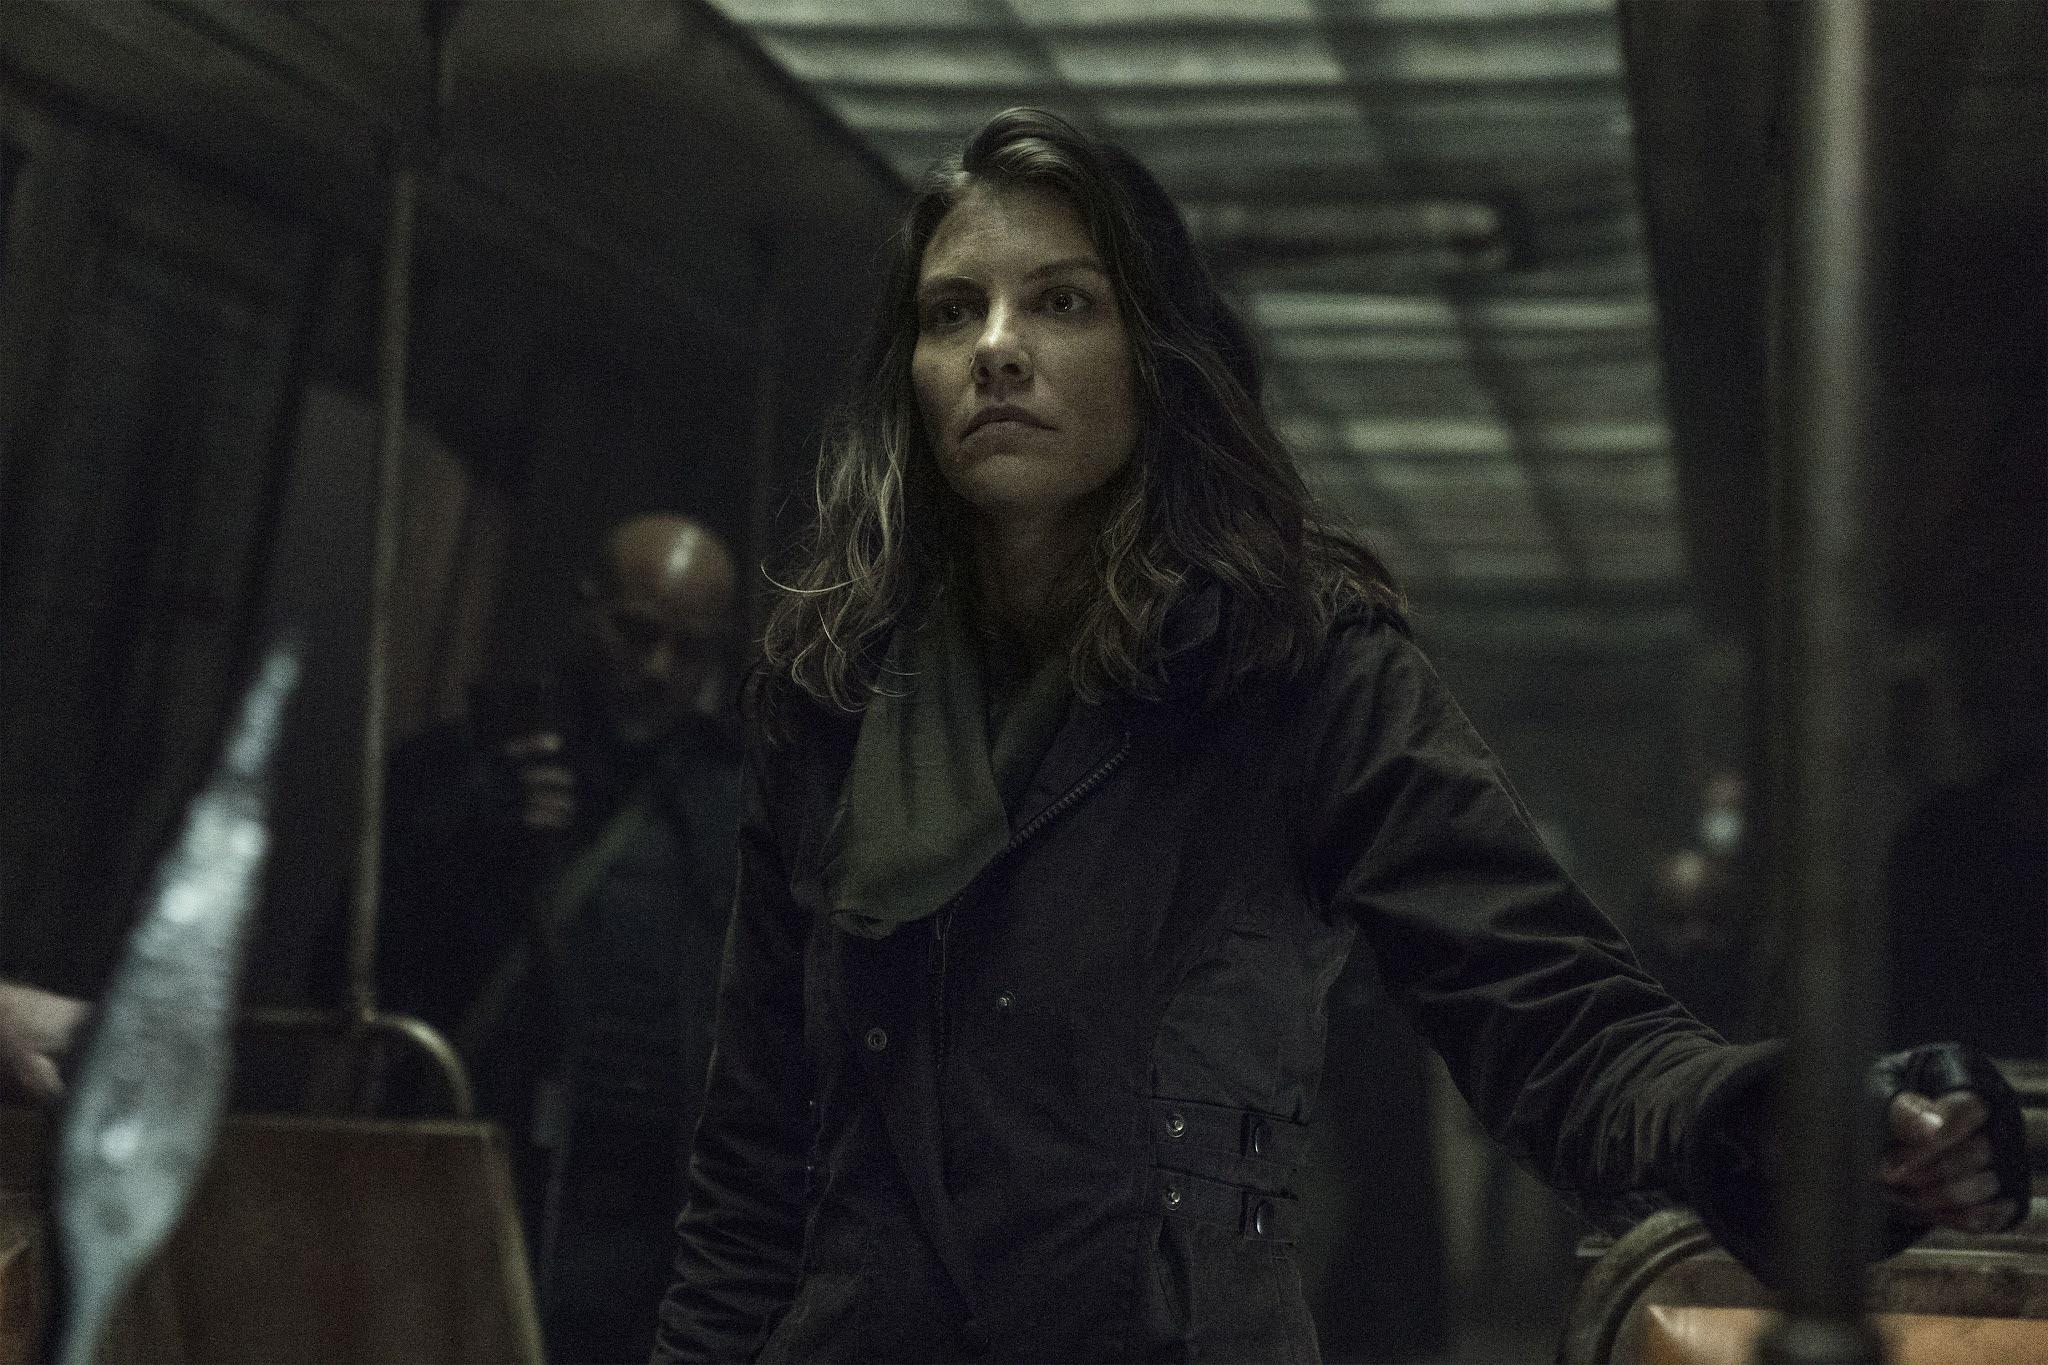 Maggie en el metro en The Walking Dead